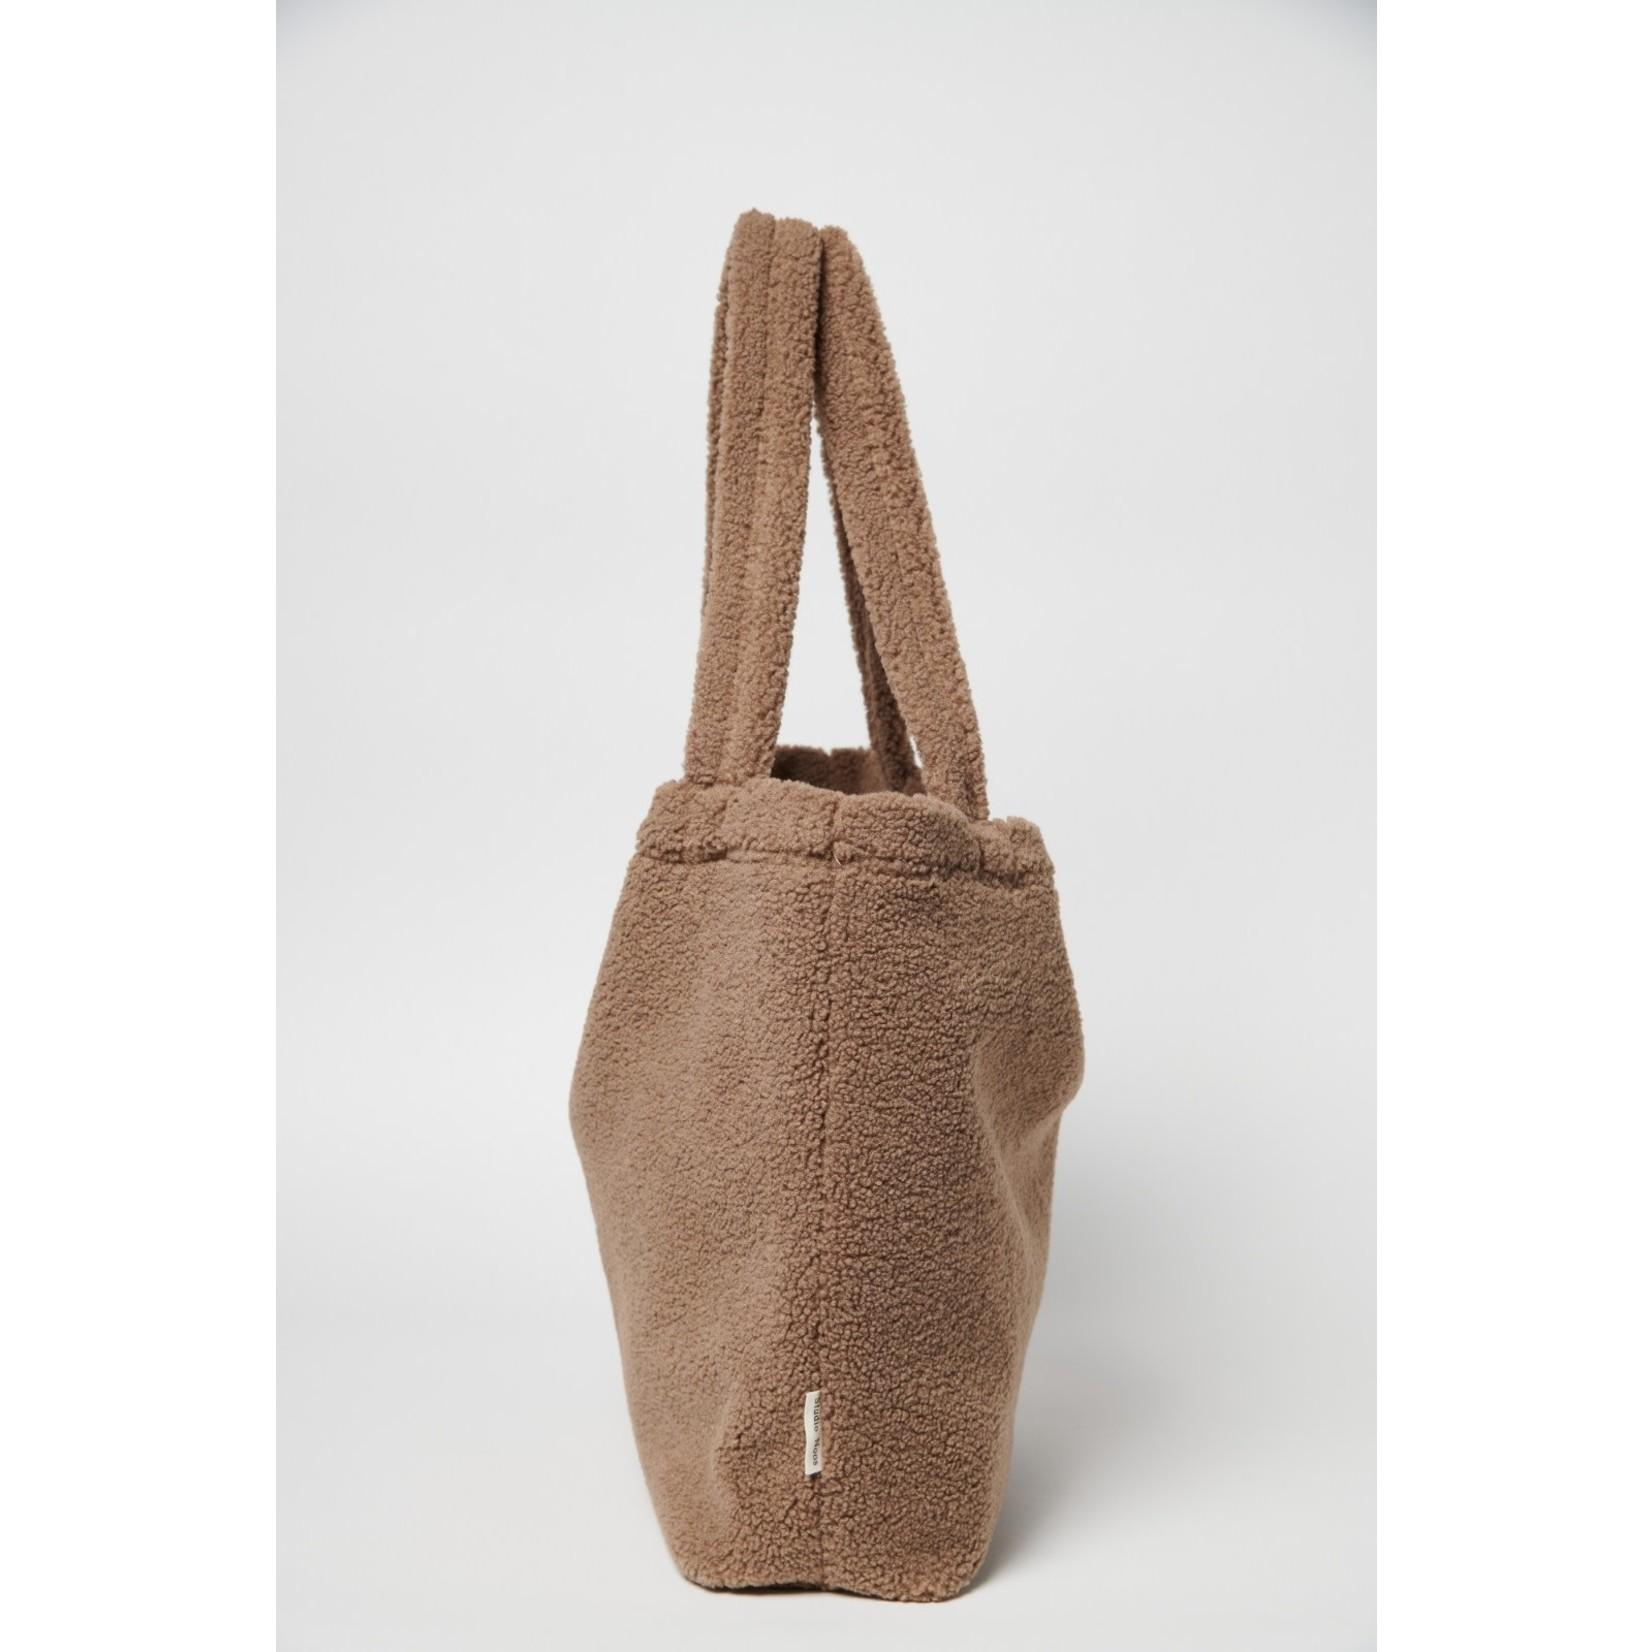 Studio Noos Brown chunky teddy mom-bag | Studio Noos